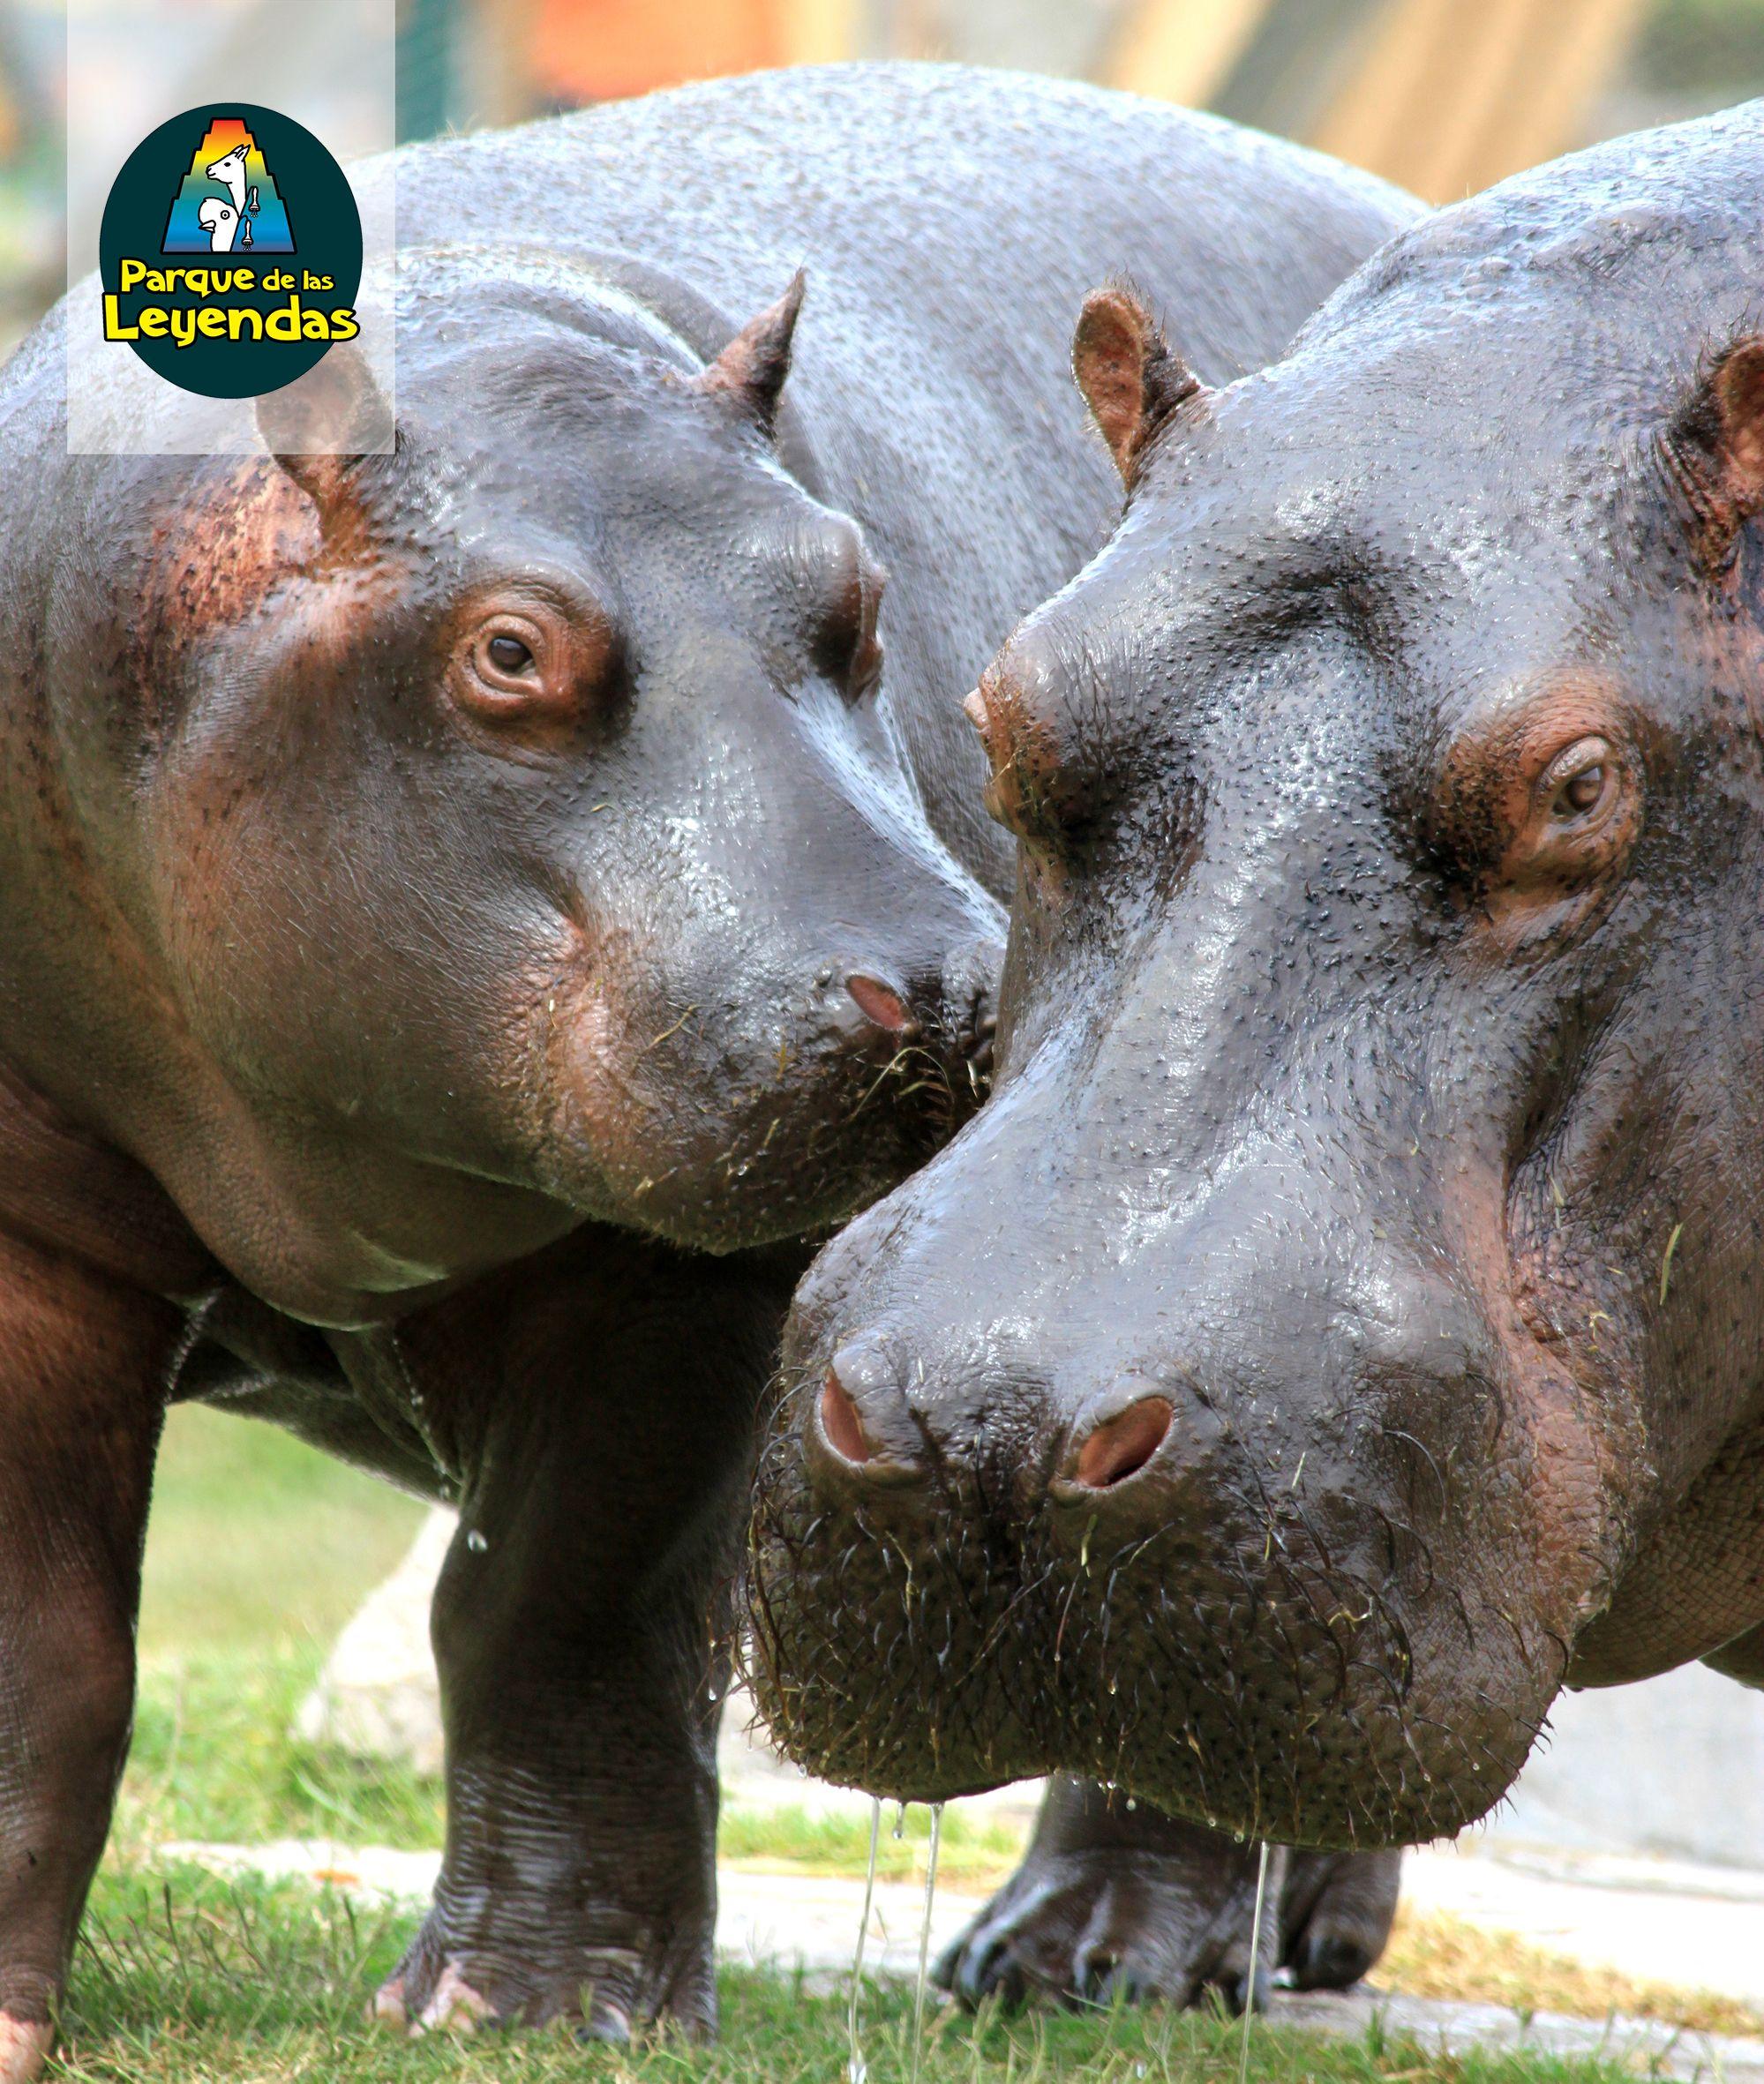 Hipopótamo del Nilo. Es el tercer animal terrestre más grande del mundo, después del rinoceronte blanco y el elefante. Pasa el día en el agua o el fango, descansando, pues su piel debe mantenerse húmeda constantemente, y sale al anochecer para alimentarse. Habita ríos y lagos. Se alimentan de hierbas terrestres y plantas acuáticas. ¿Sabías qué? El hipopótamo puede permanecer unos cinco minutos bajo el agua sin respirar y sus crías nacen bajo el agua.